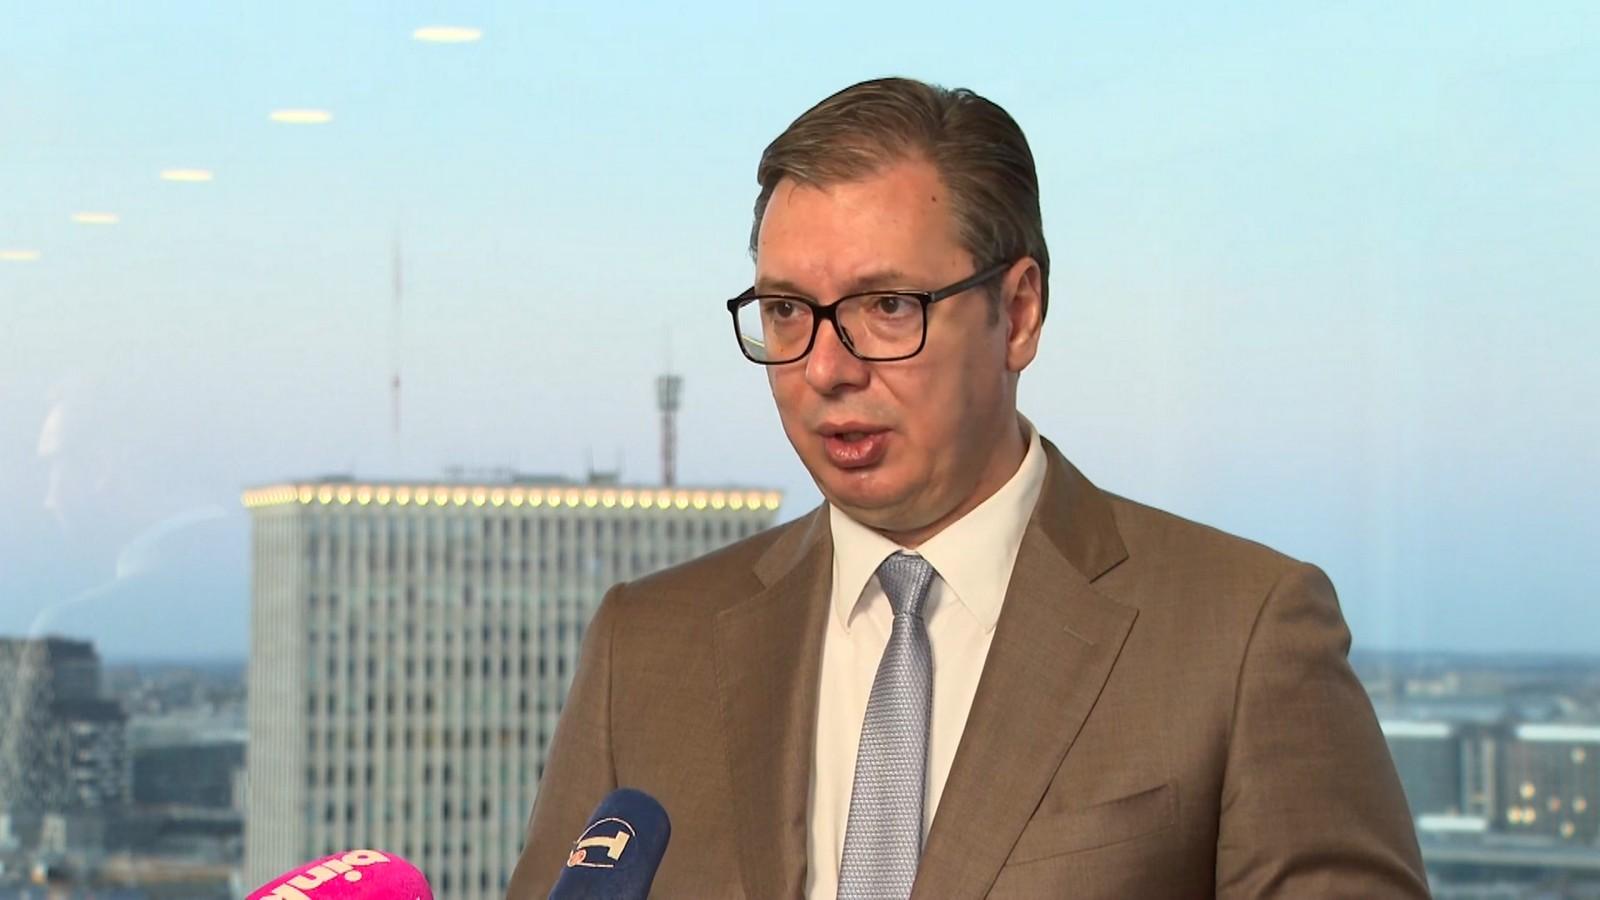 Predsednik Srbije Aleksandar Vučić u Briselu nakon sastanka sa specijalnim izaslanikom EU za dijalog Beograda i Prištine Miroslavom Lajcakom.